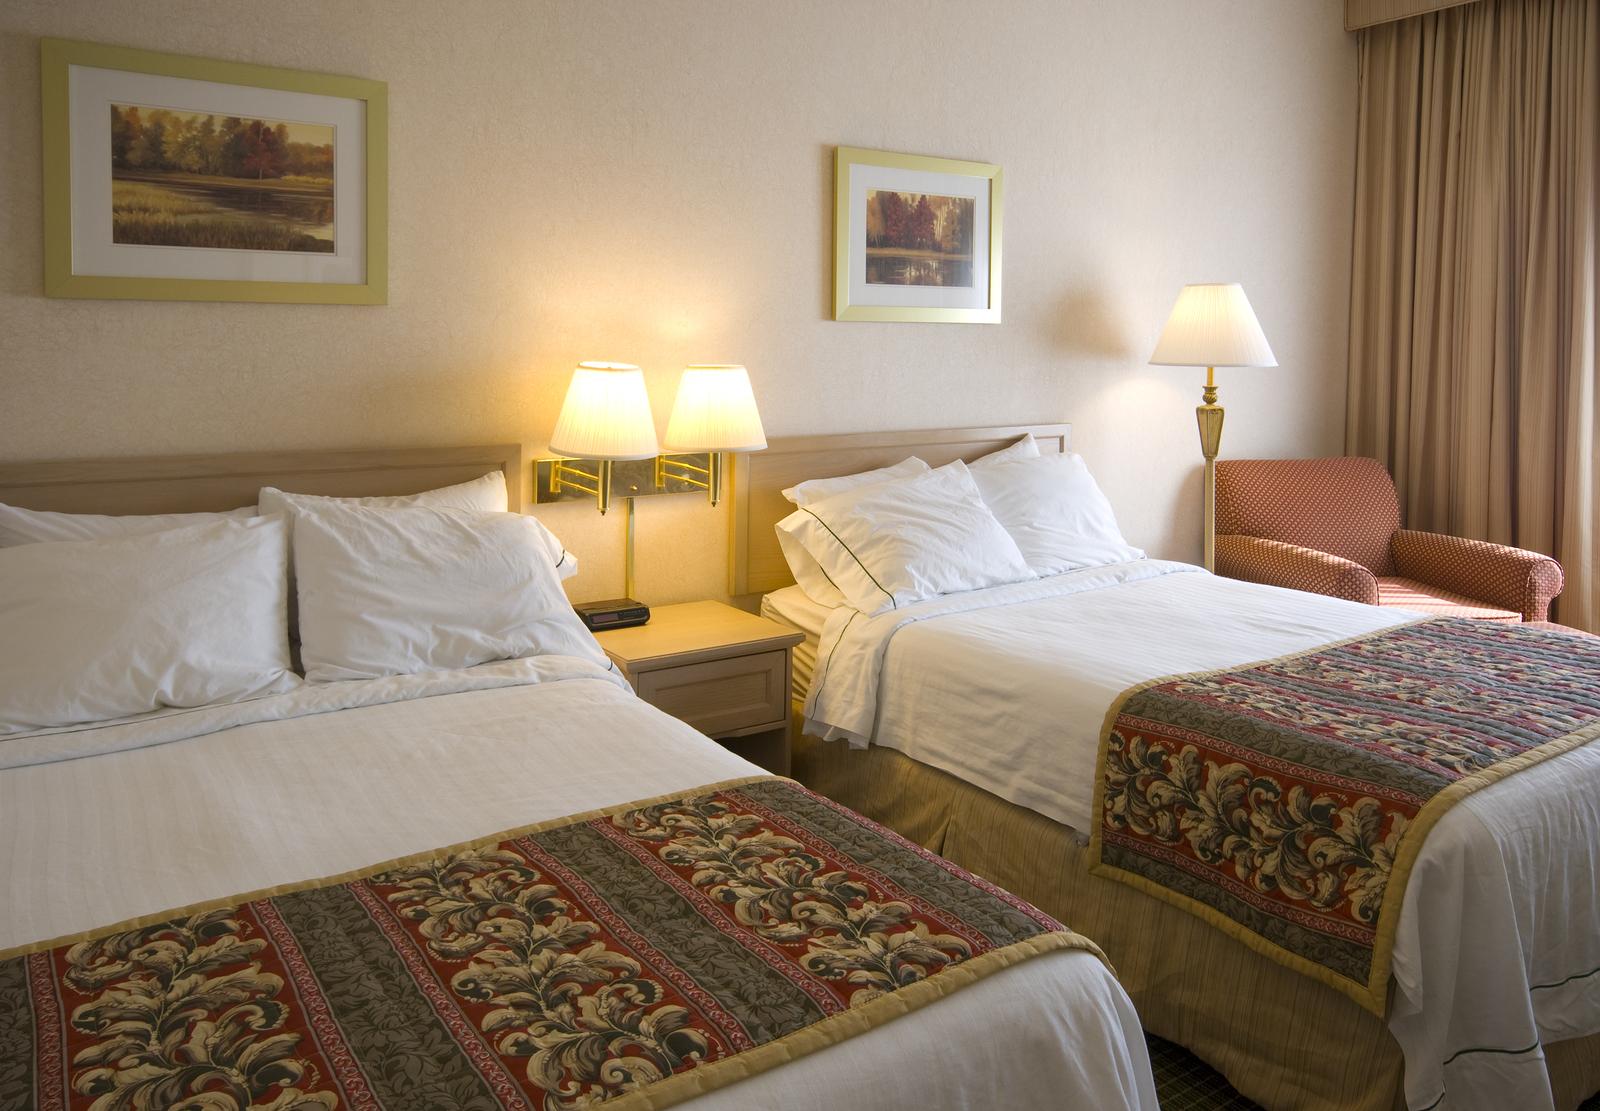 Pourquoi laisser les lumières allumées dans votre chambre d'hôtel lorsque vous n'y êtes pas?